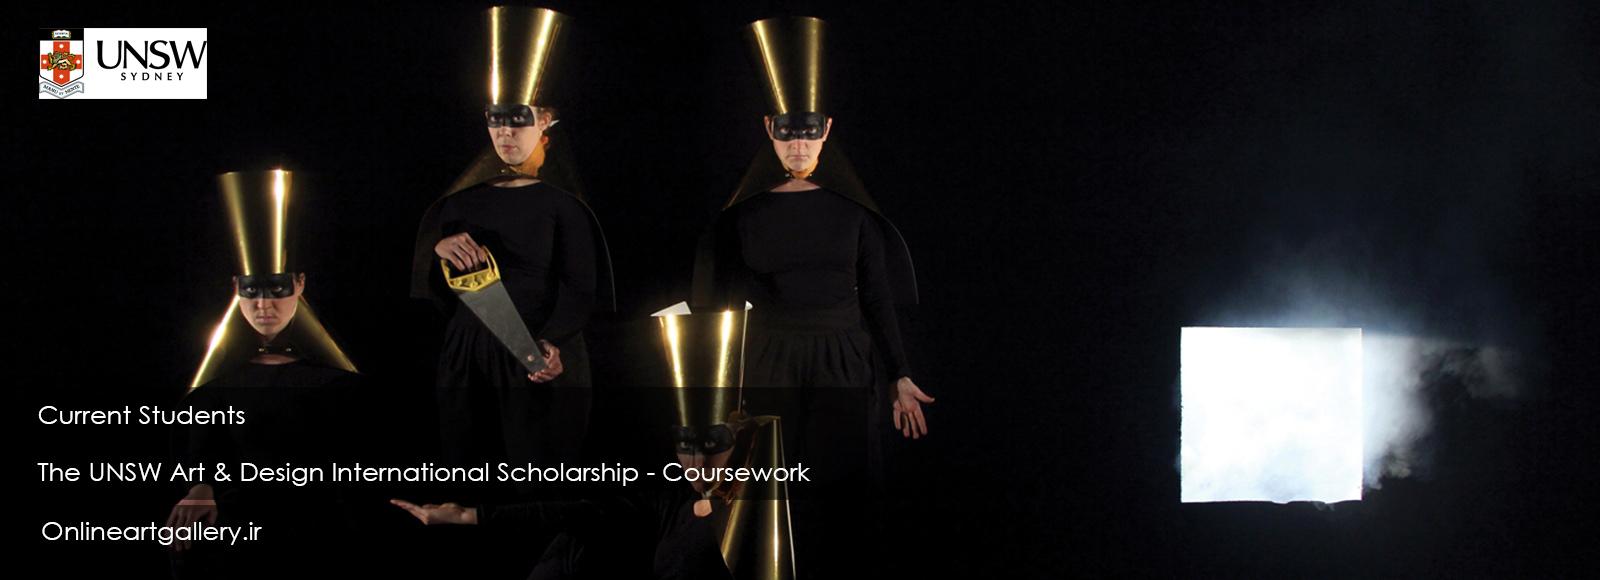 بورس تحصیلی UNSW Art & Design در استرالیا